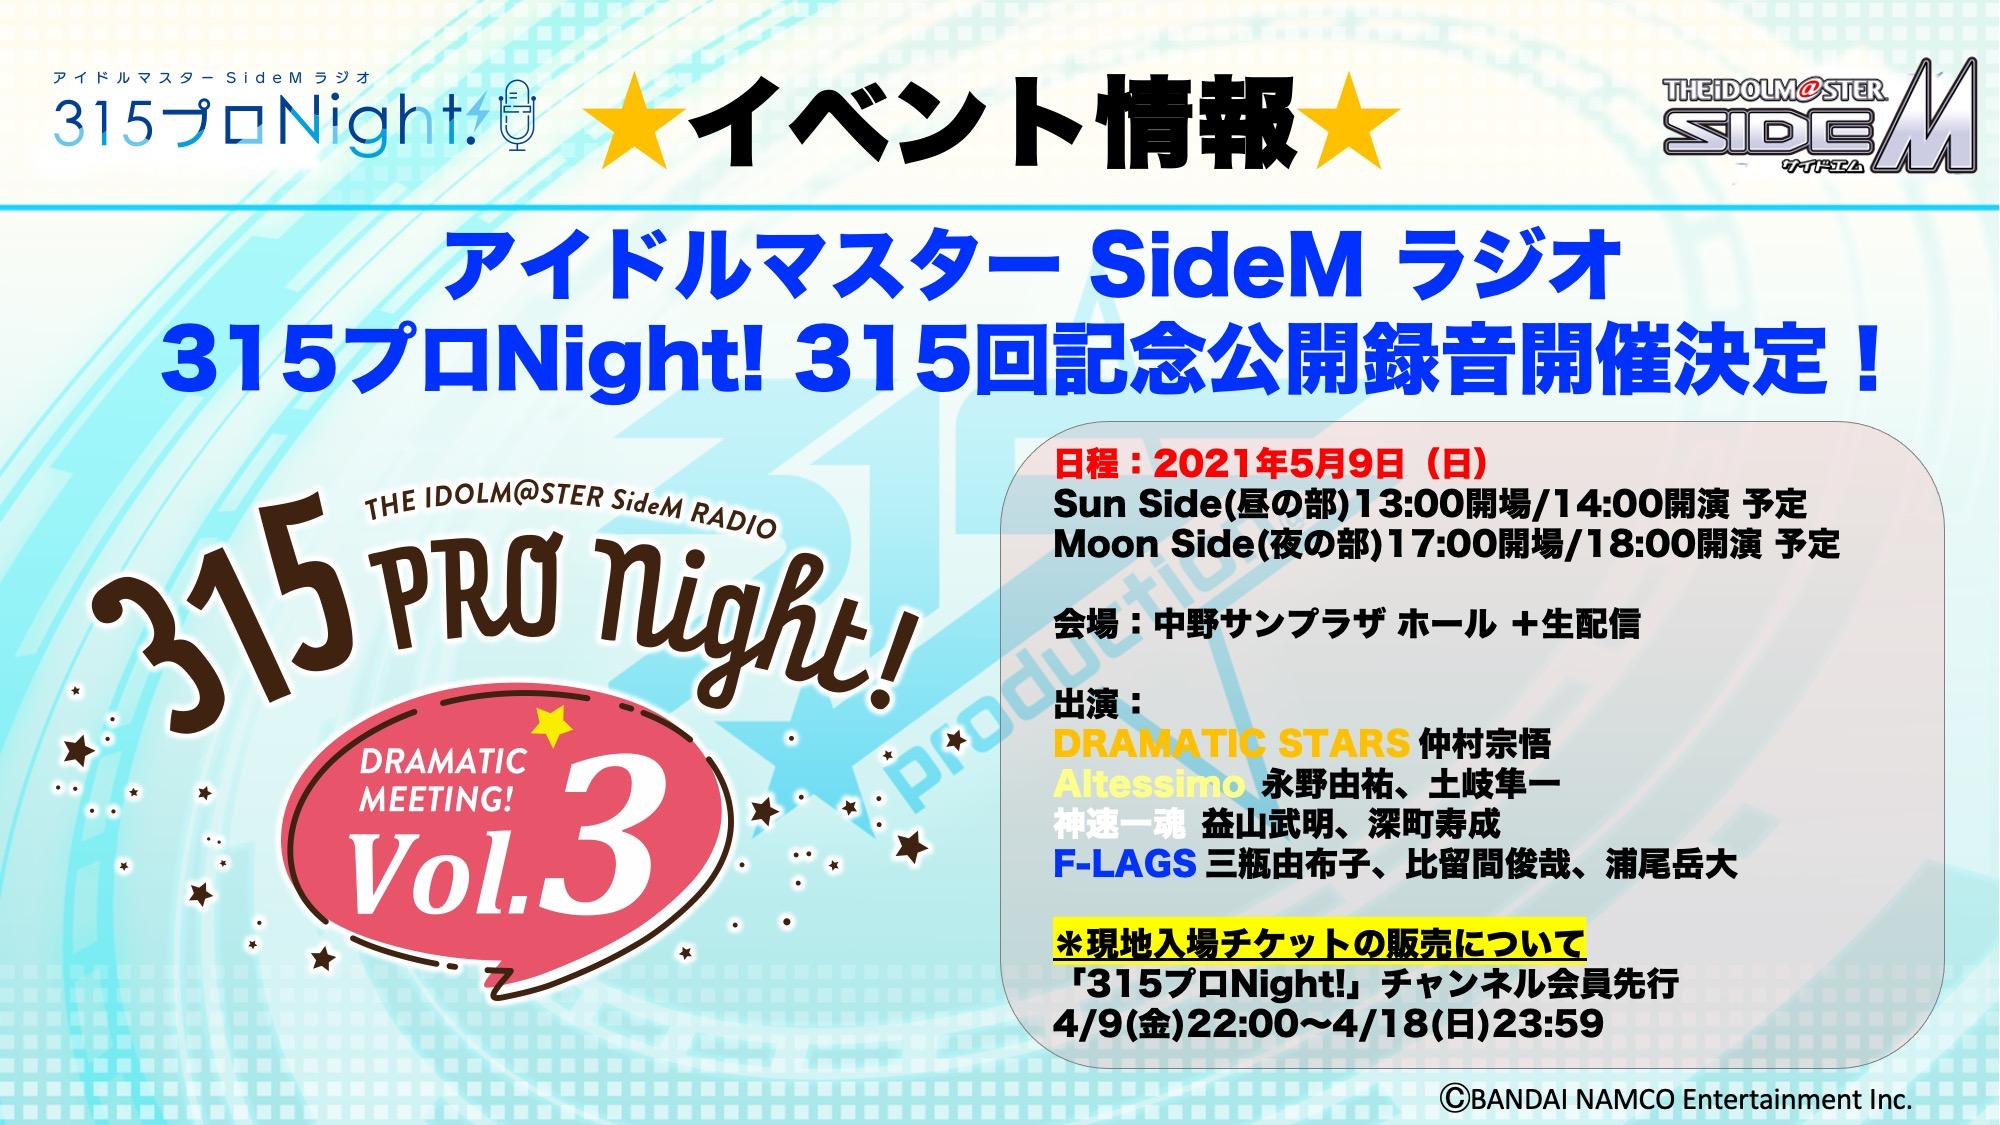 「SideM」ラジオ315回を記念した公開録音イベント開催決定!仲村宗悟さん、土岐隼一さん、深町寿成さんらが出演